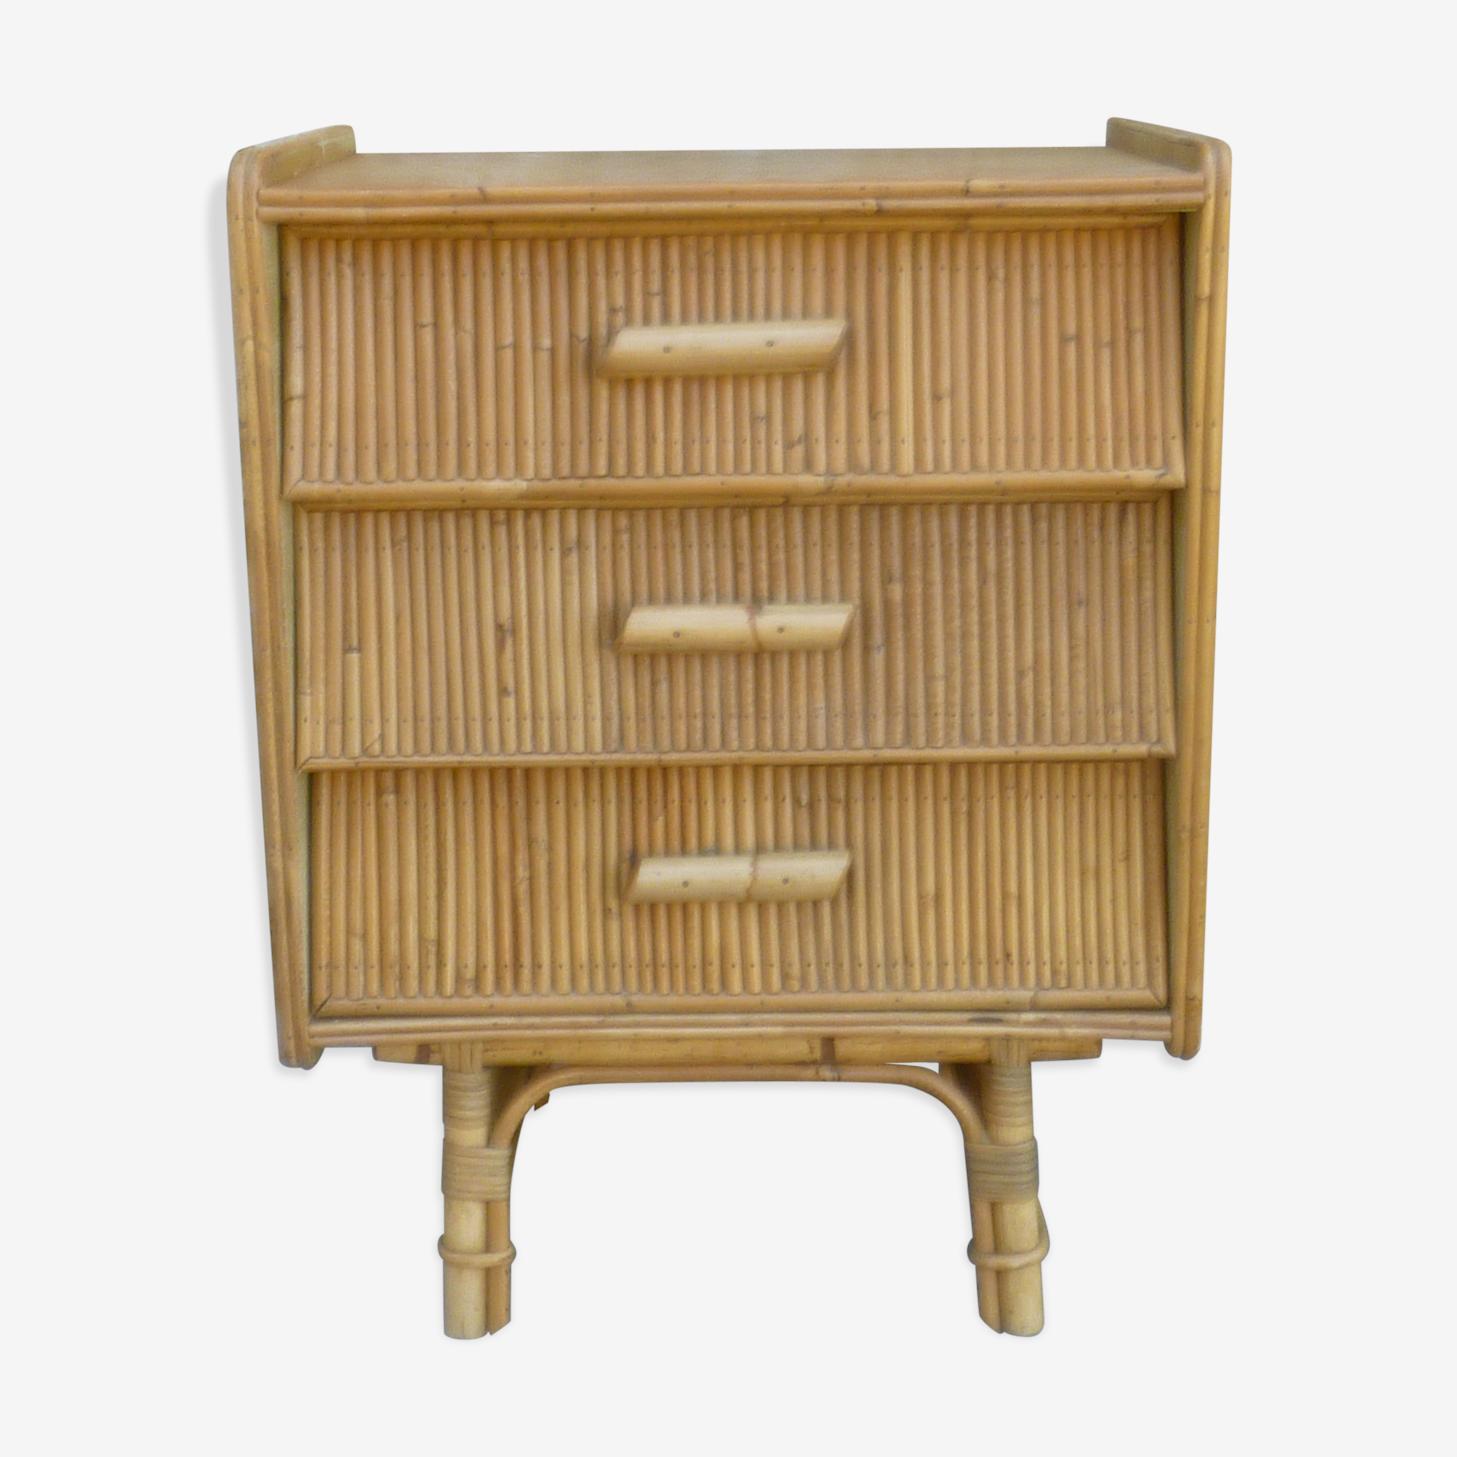 Commode en bois clair et rotin des années 60-70